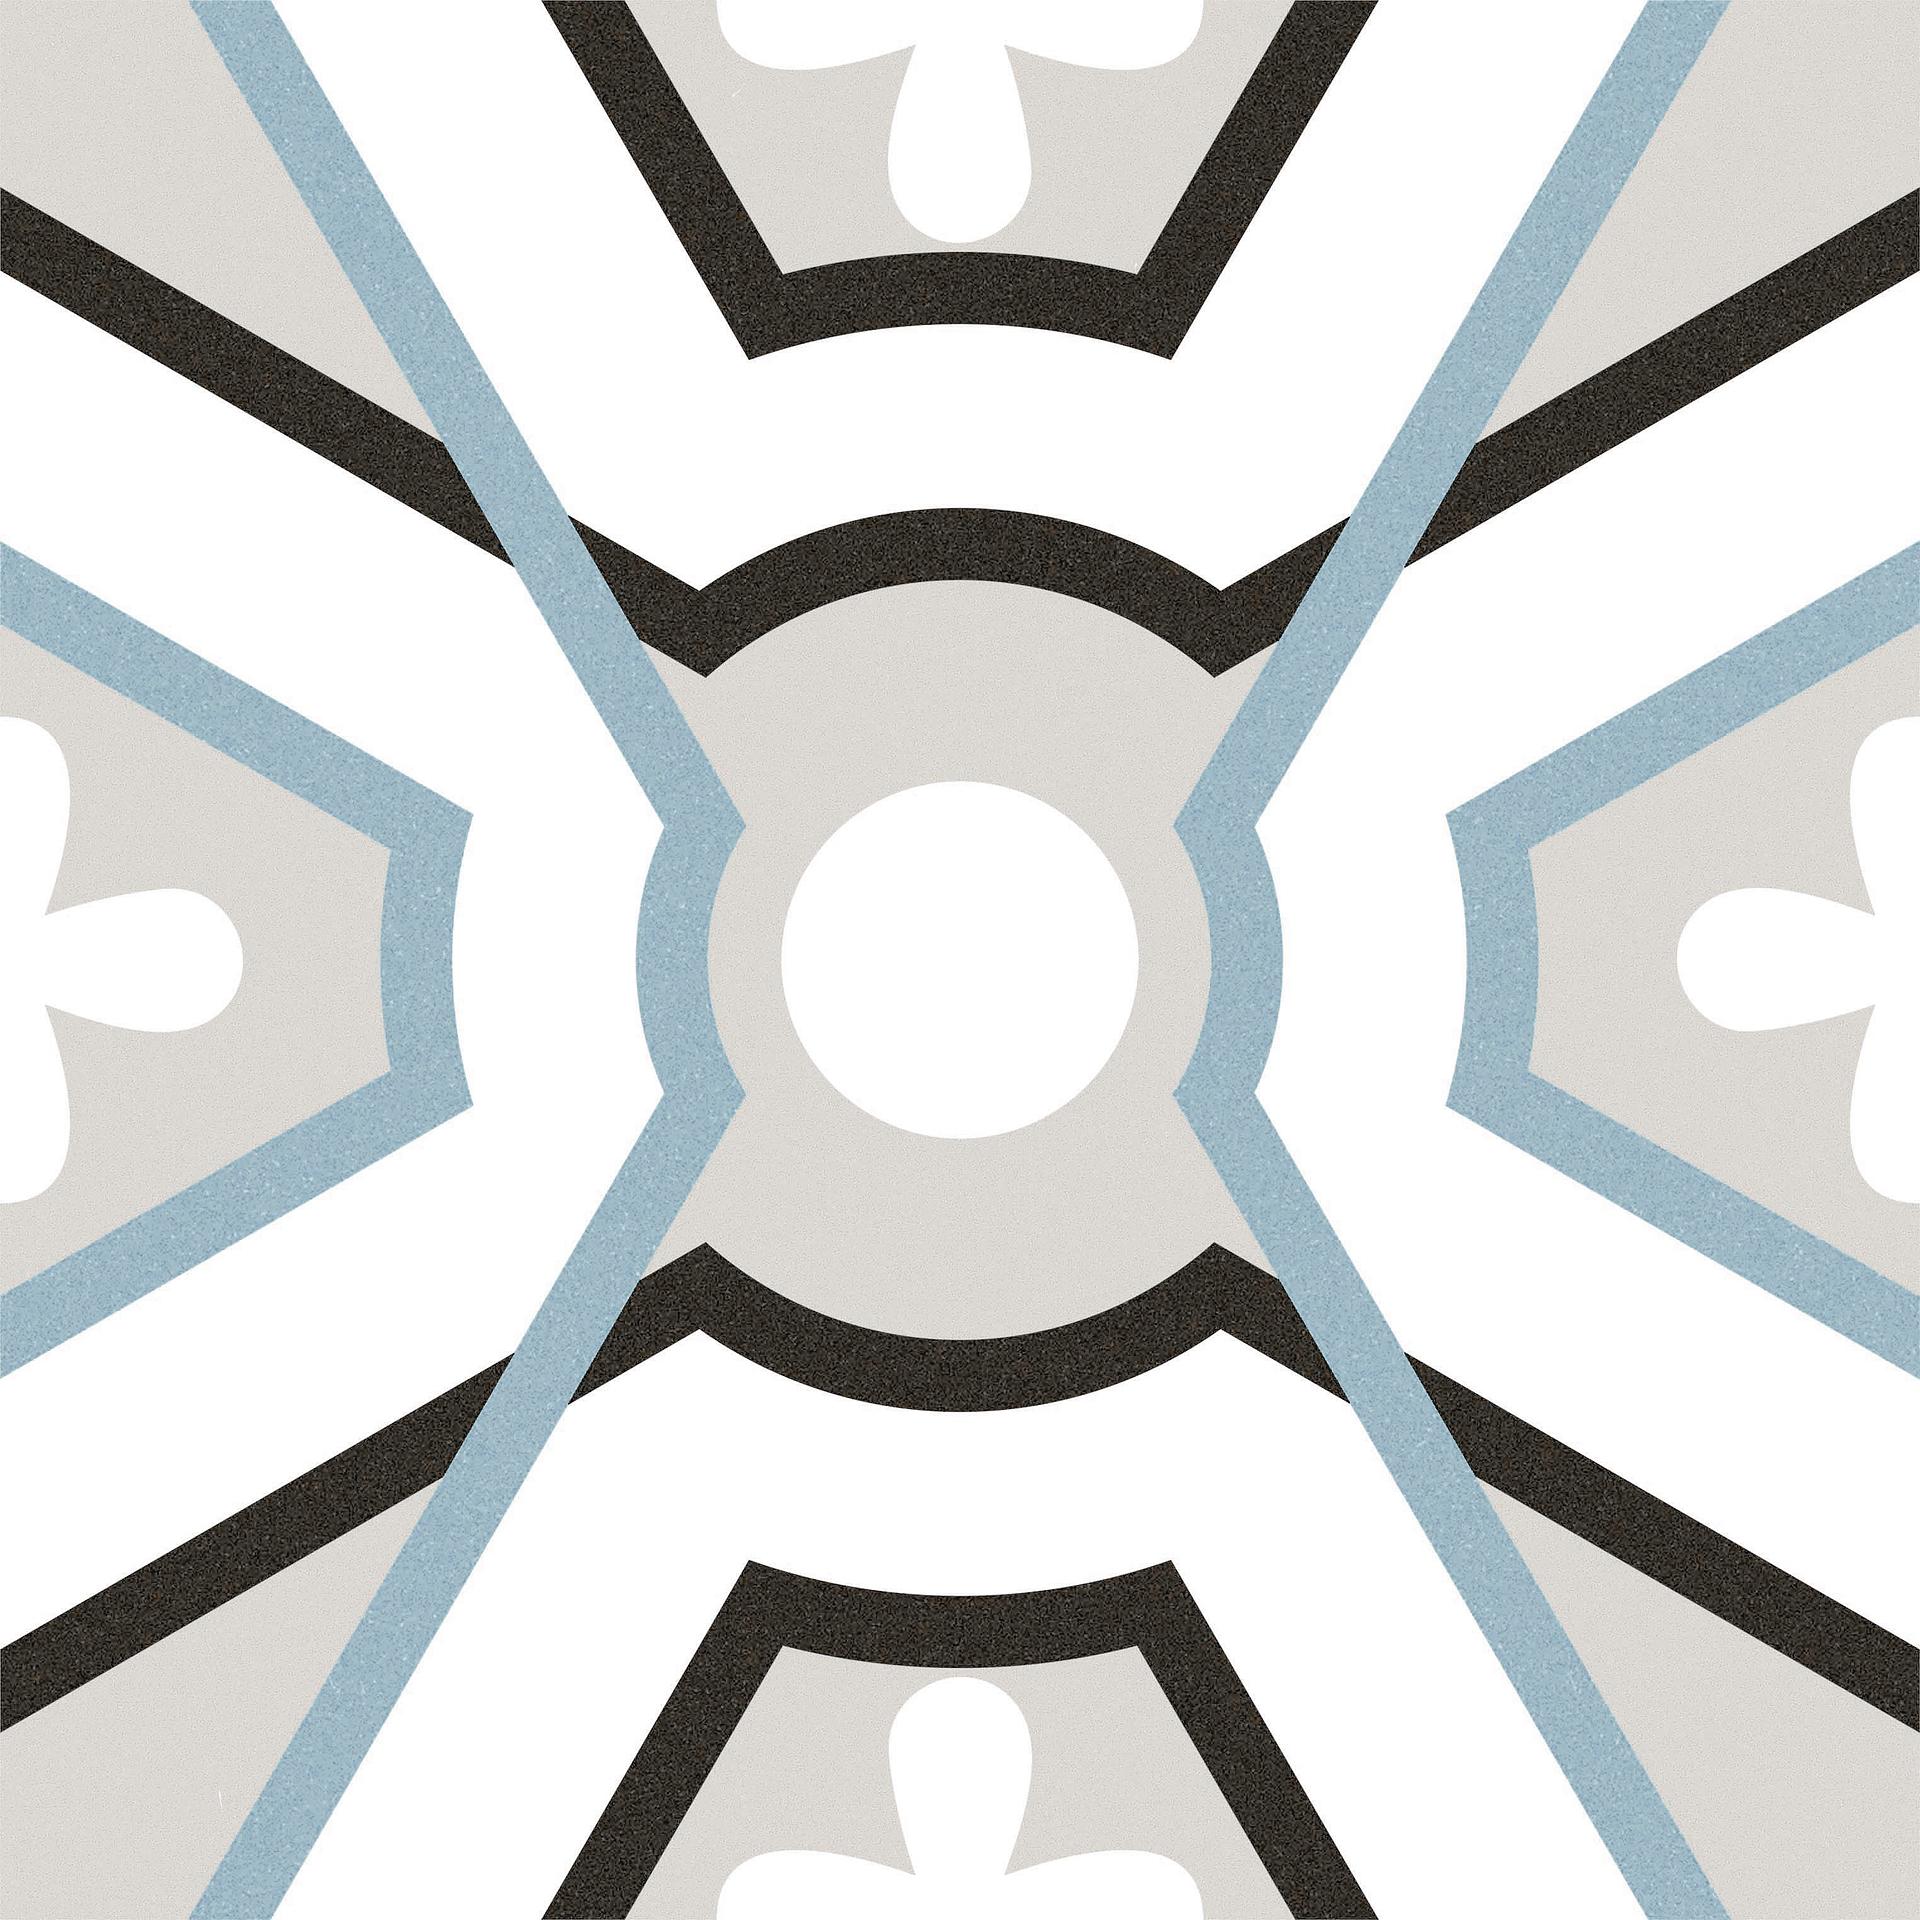 Carrelage More de Self, Grès cérame émaillé, 20x20 cm, Surface mate, Effet imitation carreaux de ciment, Teinte multicolore,